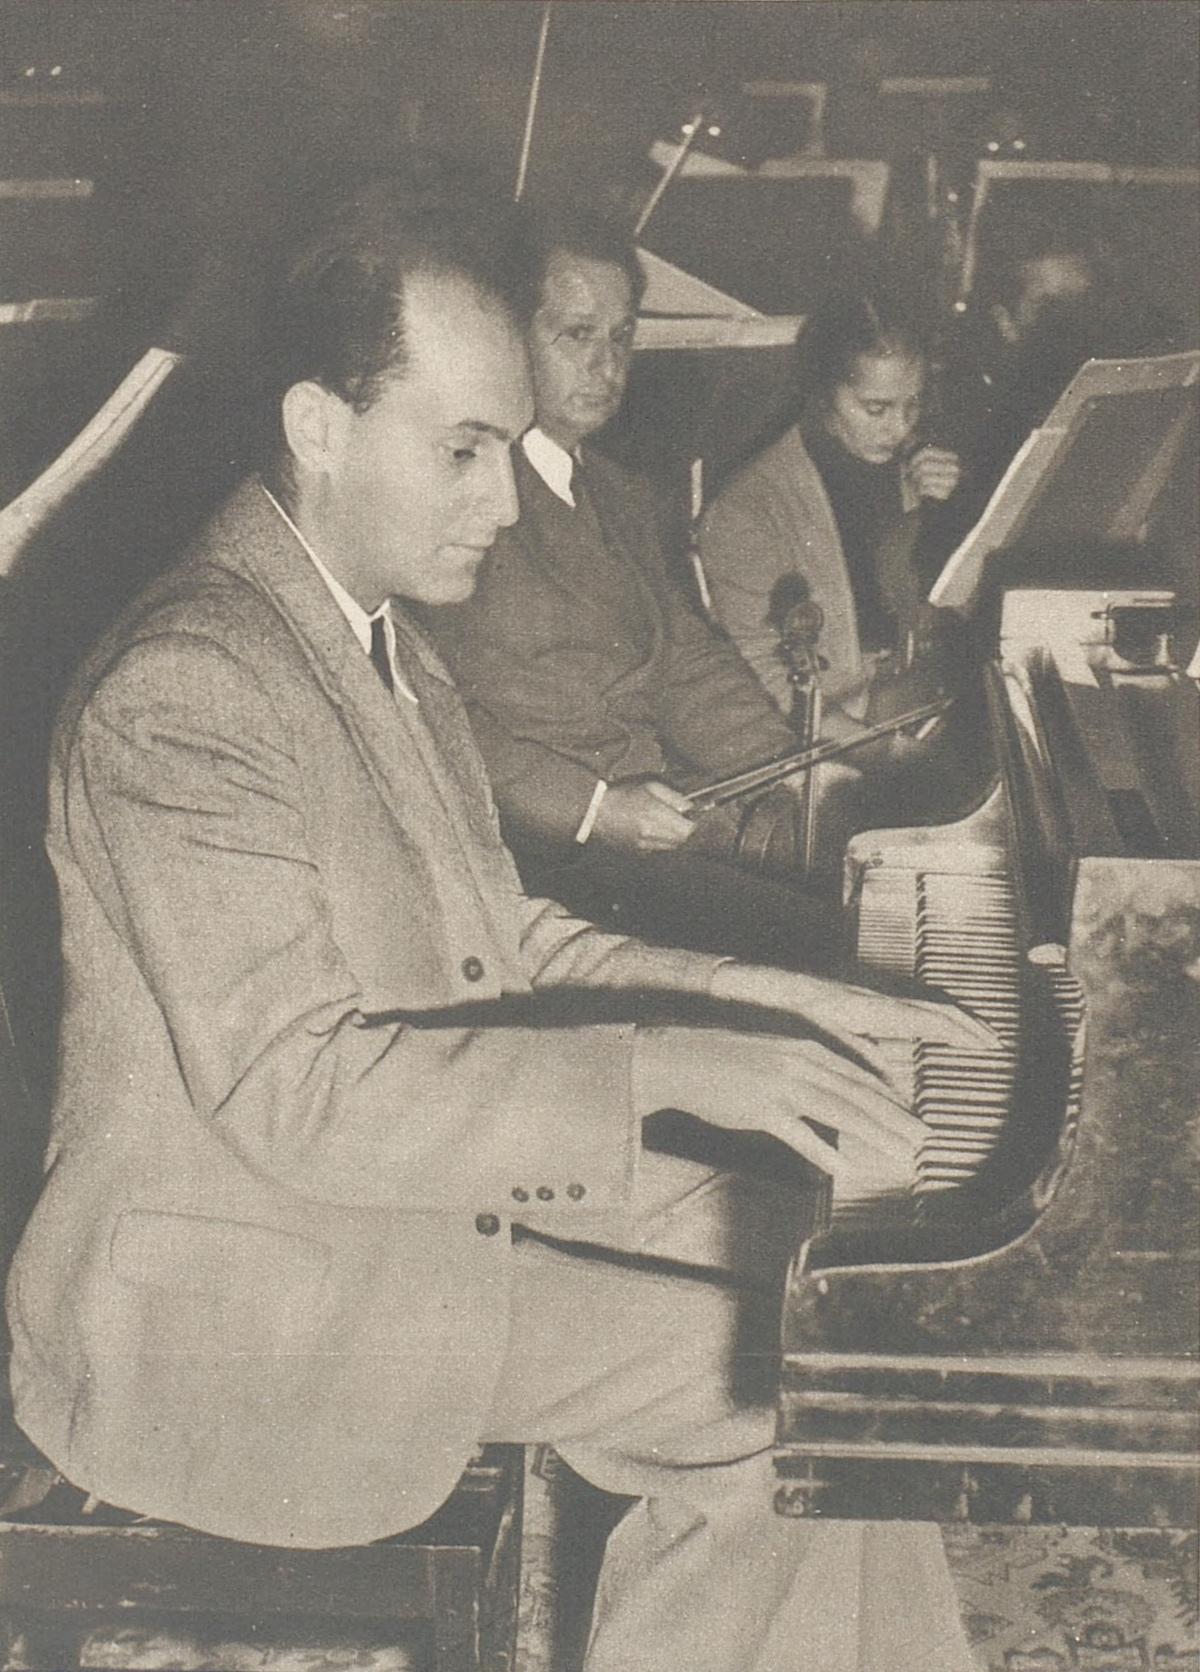 Georg SOLTI, publié dans L'Illustré du 15 octobre 1942, No 42, page 1371, cliquer pour une vue agrandie